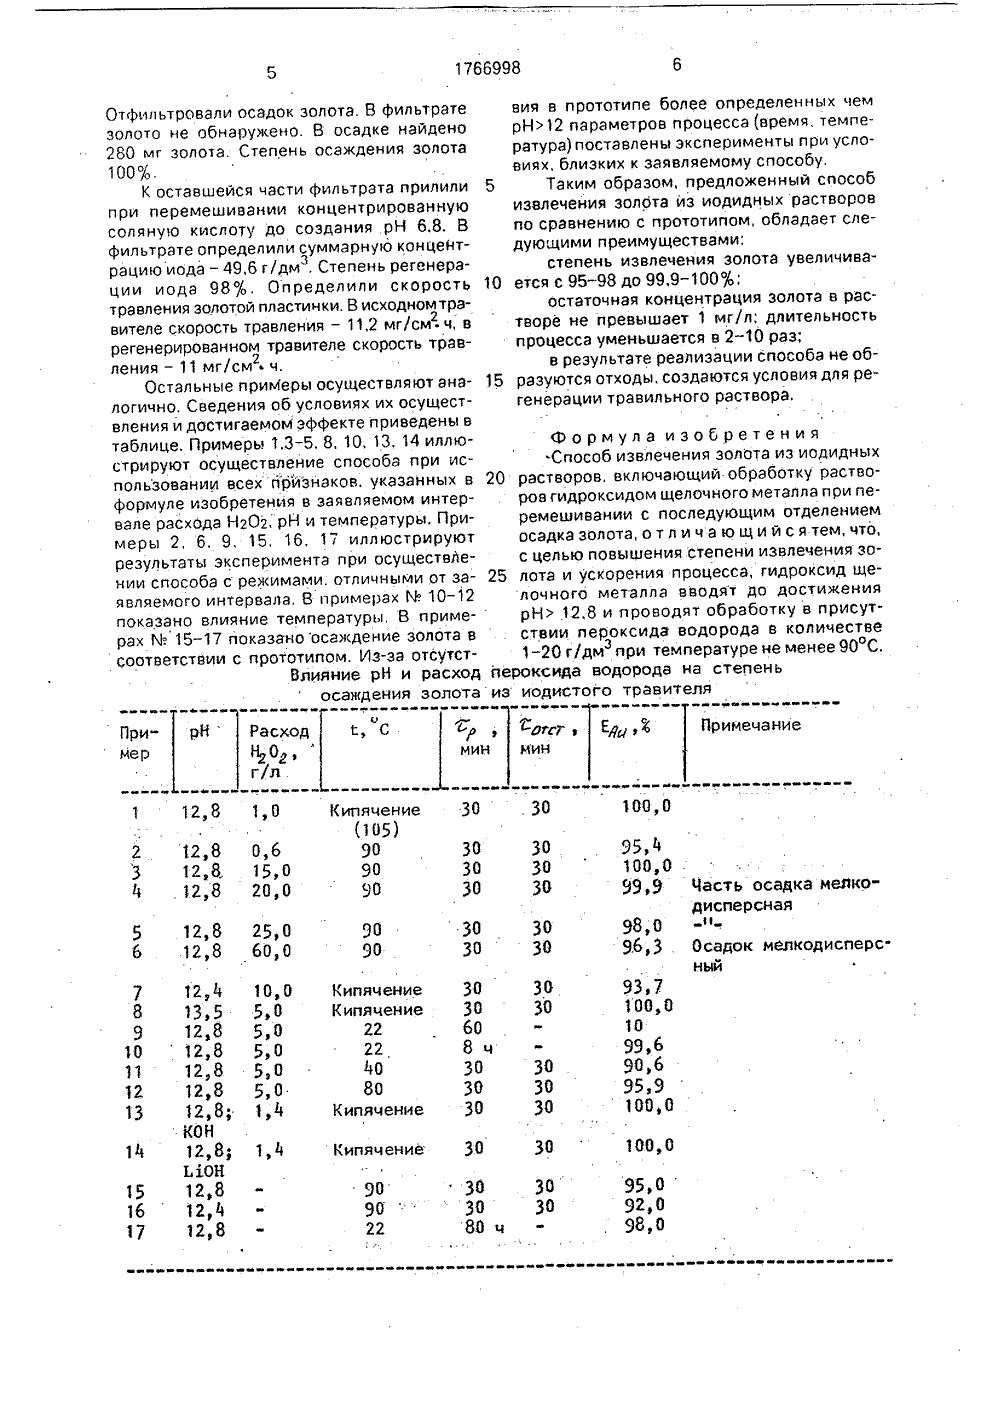 [Изображение: 1766998-sposob-izvlecheniya-zolota-iz-io...orov-3.png]